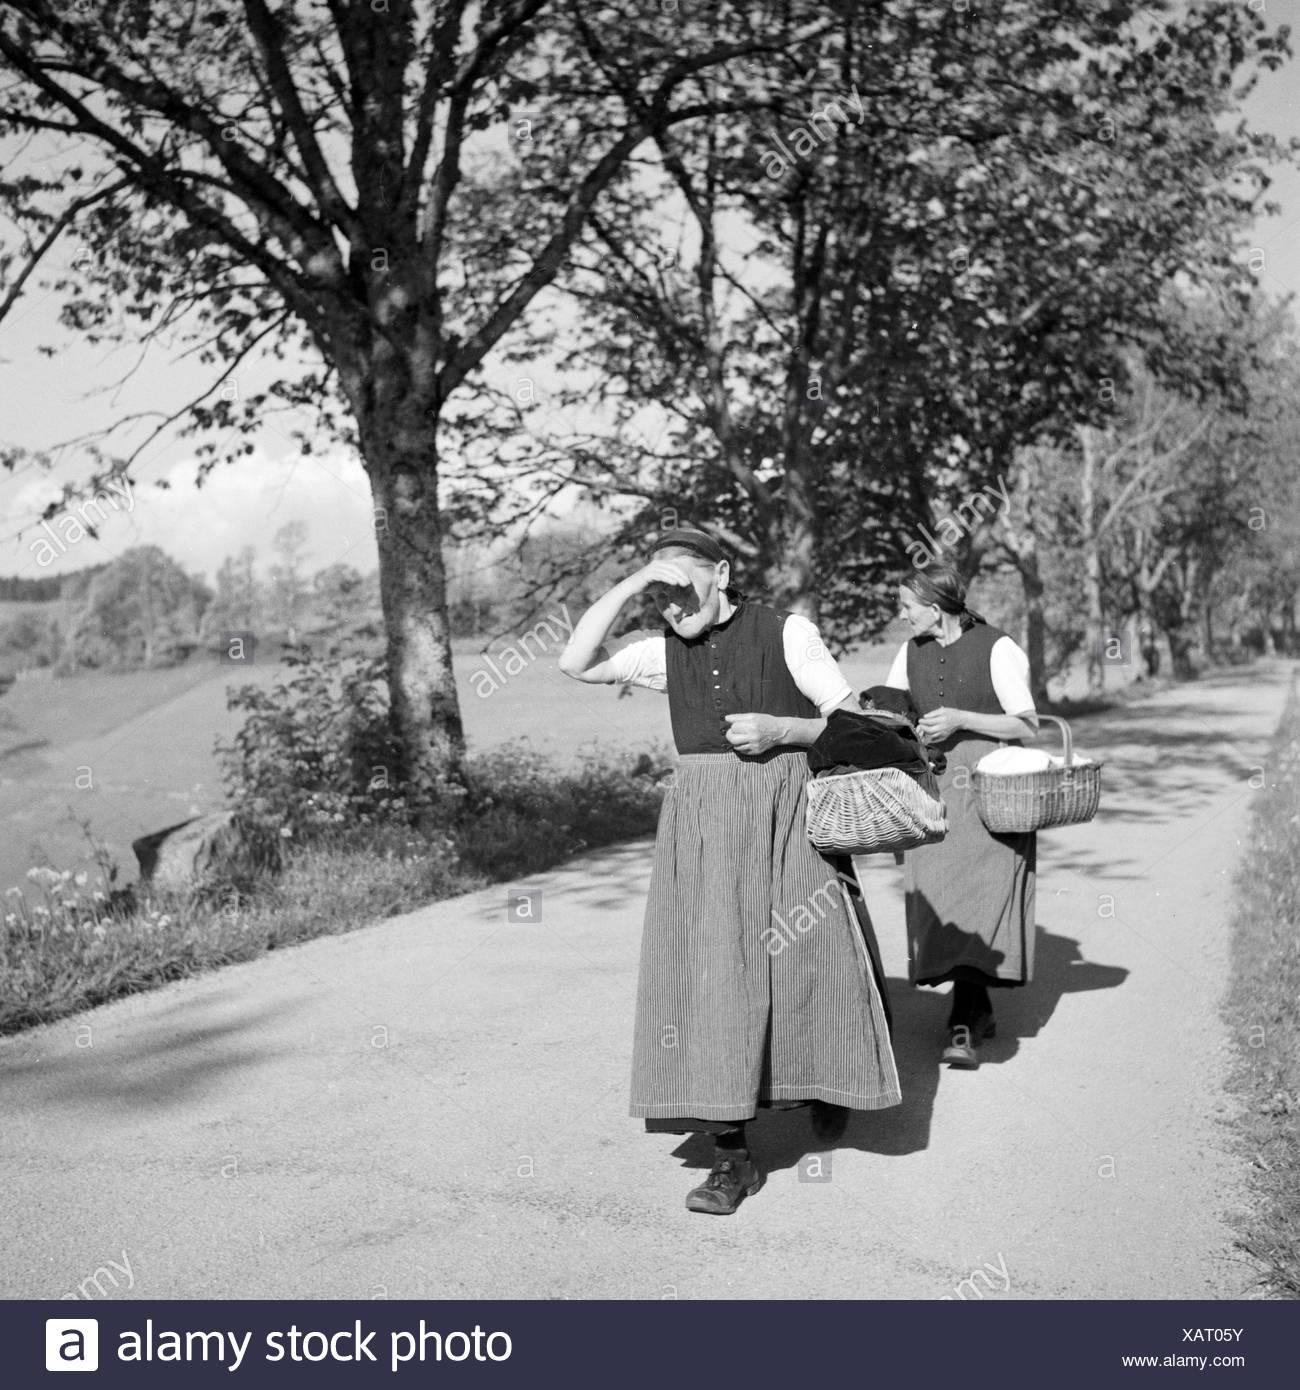 Frauen Auf Dem Weg Zum Markt Im Schwarzwald, Deutschland, 1930er Jahre. Frauen auf dem Weg zum Markt, Deutschland der 1930er Jahre. Stockbild